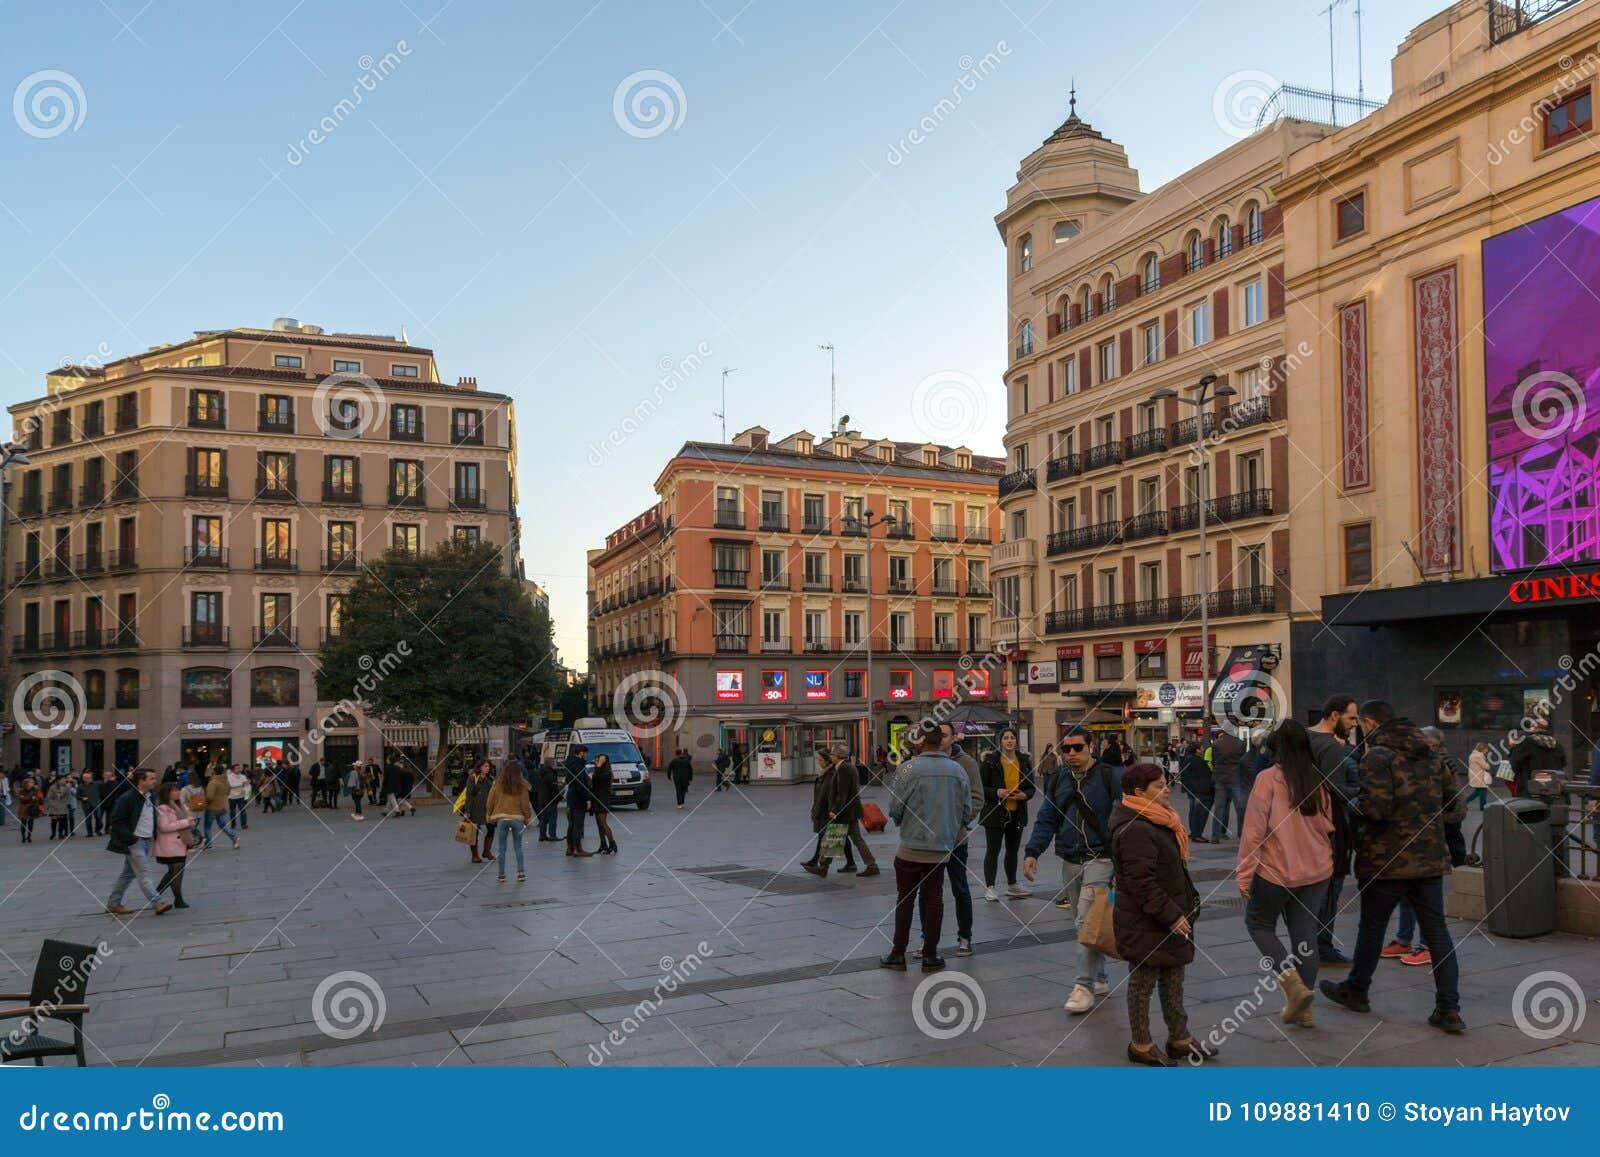 Zmierzchu widok odprowadzeń ludzie przy Callao kwadratem Plac Del Callao w mieście Madryt, Hiszpania